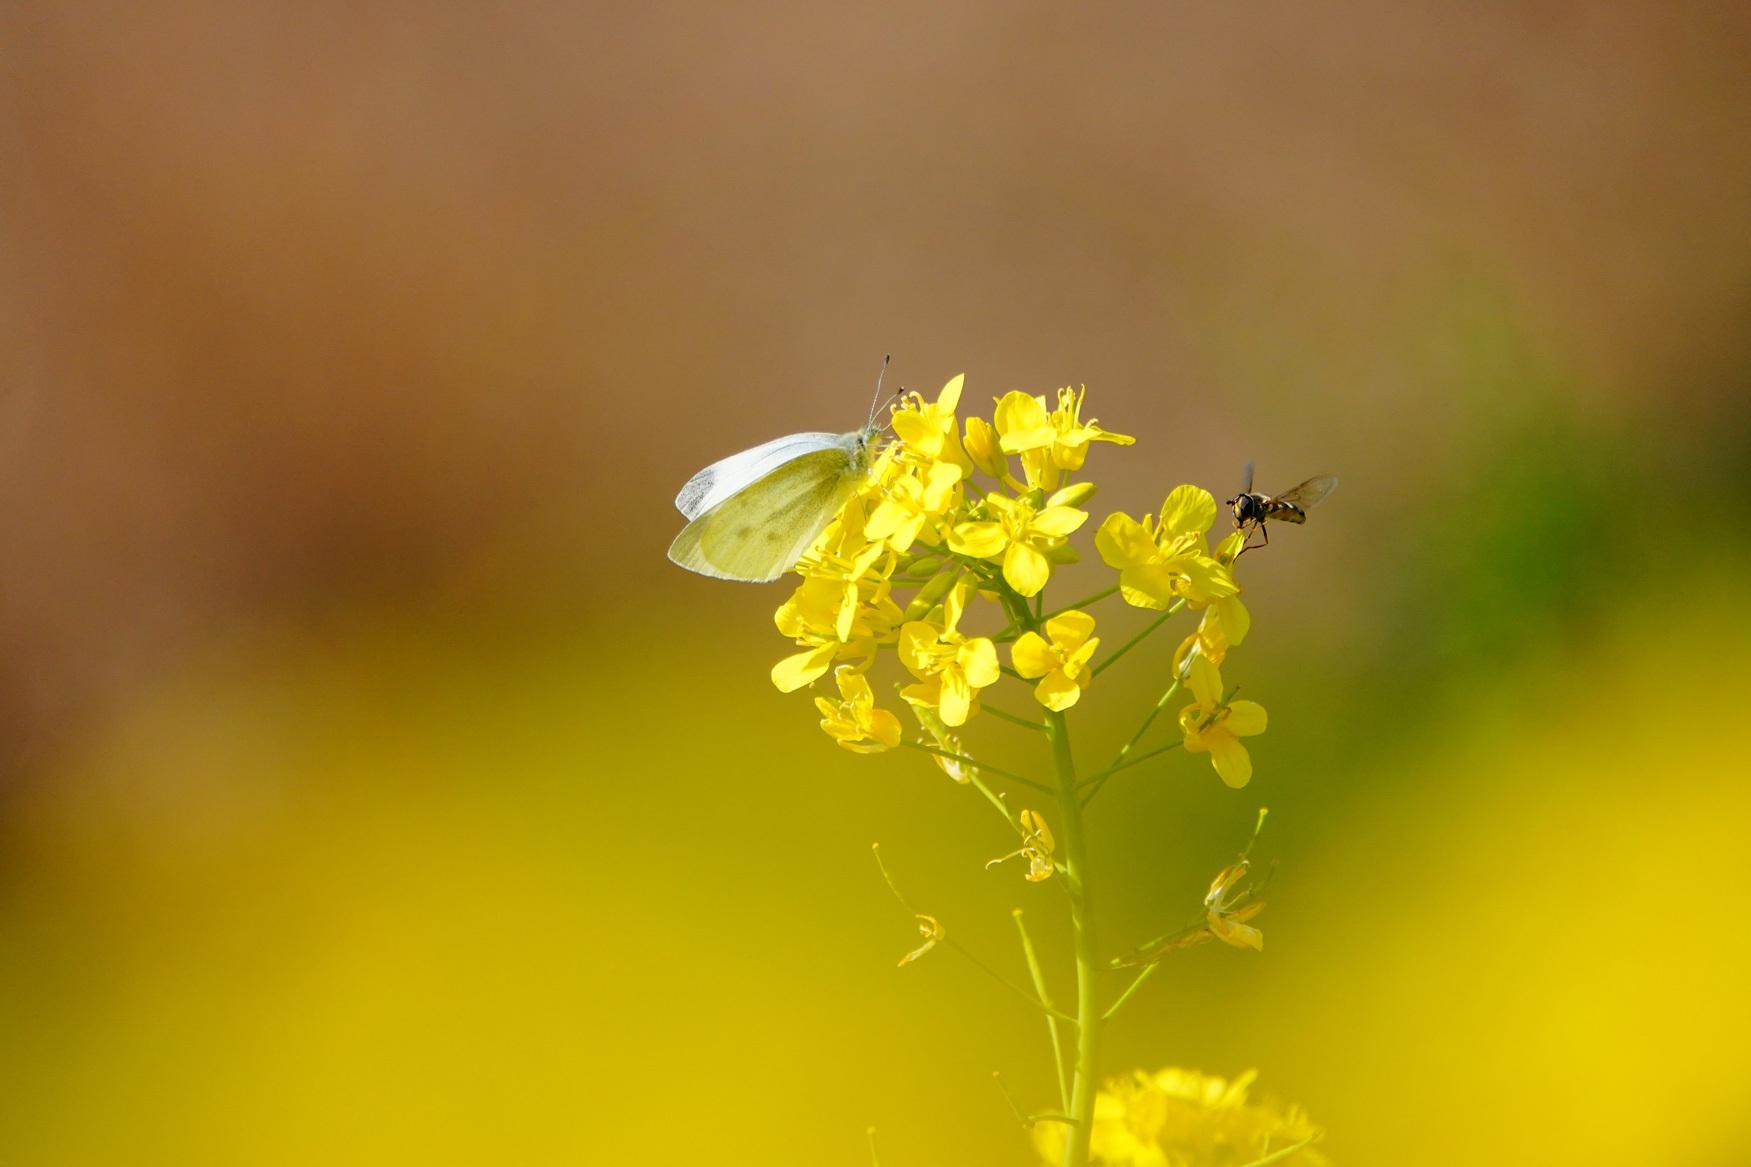 菜の花で戯れる蝶々_e0291438_12225113.jpg